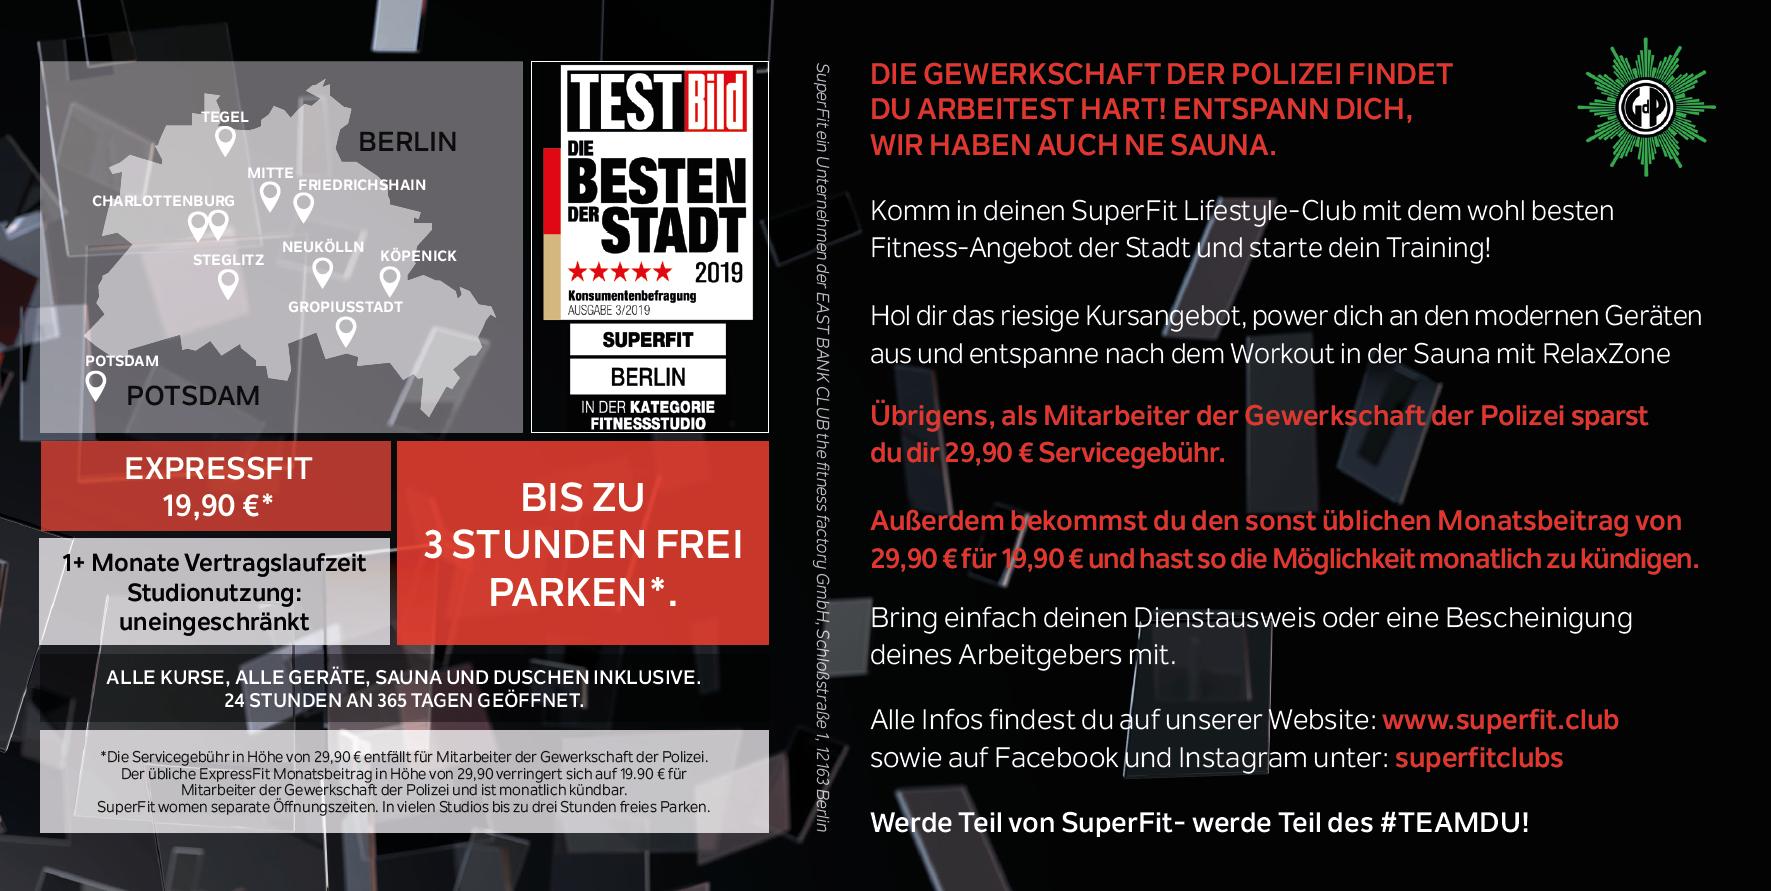 hueco Negrita Persona enferma  SUPERFIT für 19,90 € | gdp-service.berlin